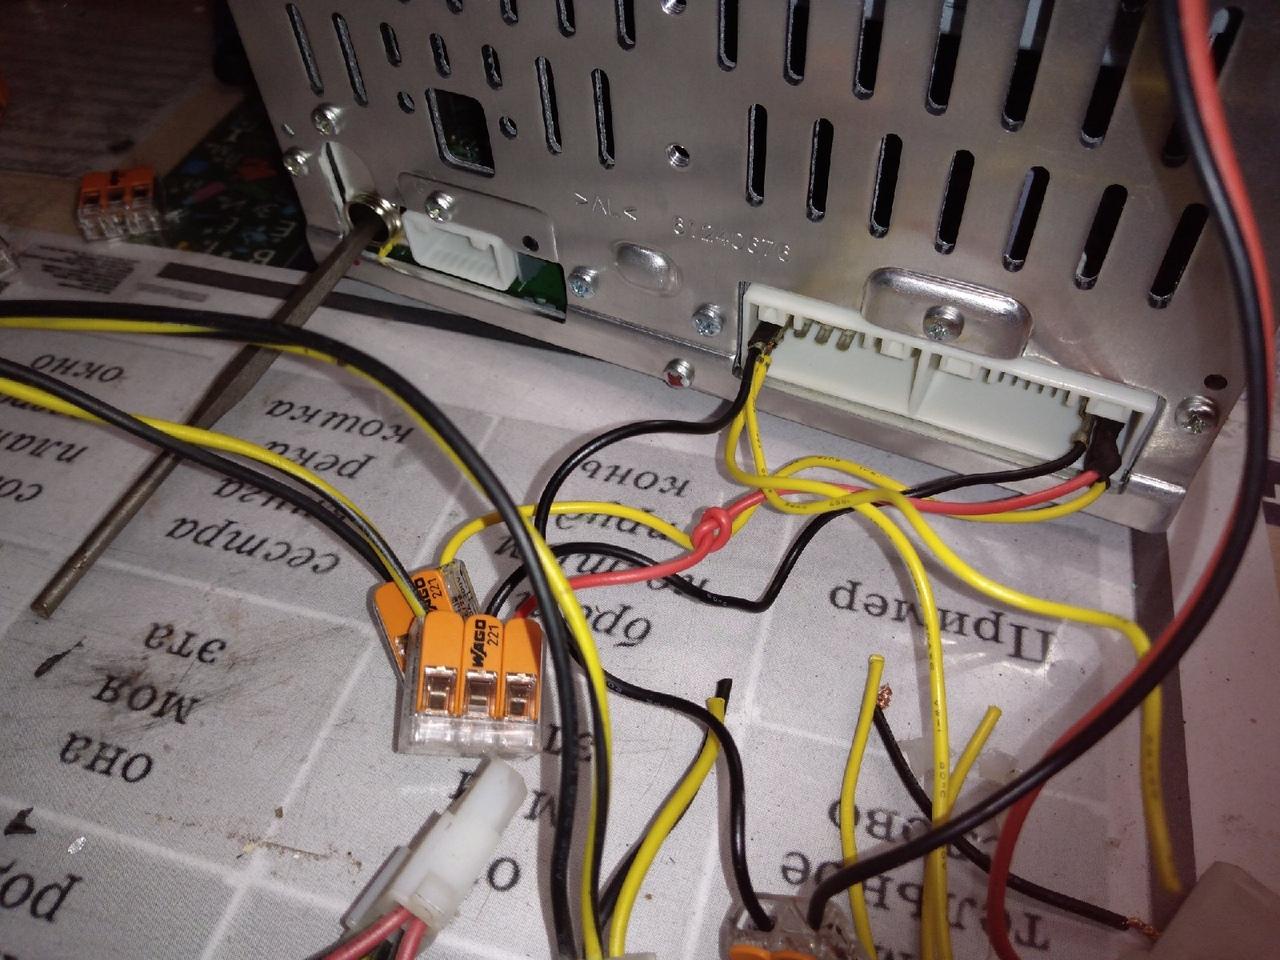 Как подключить автомагнитолу от блока питания компьютера